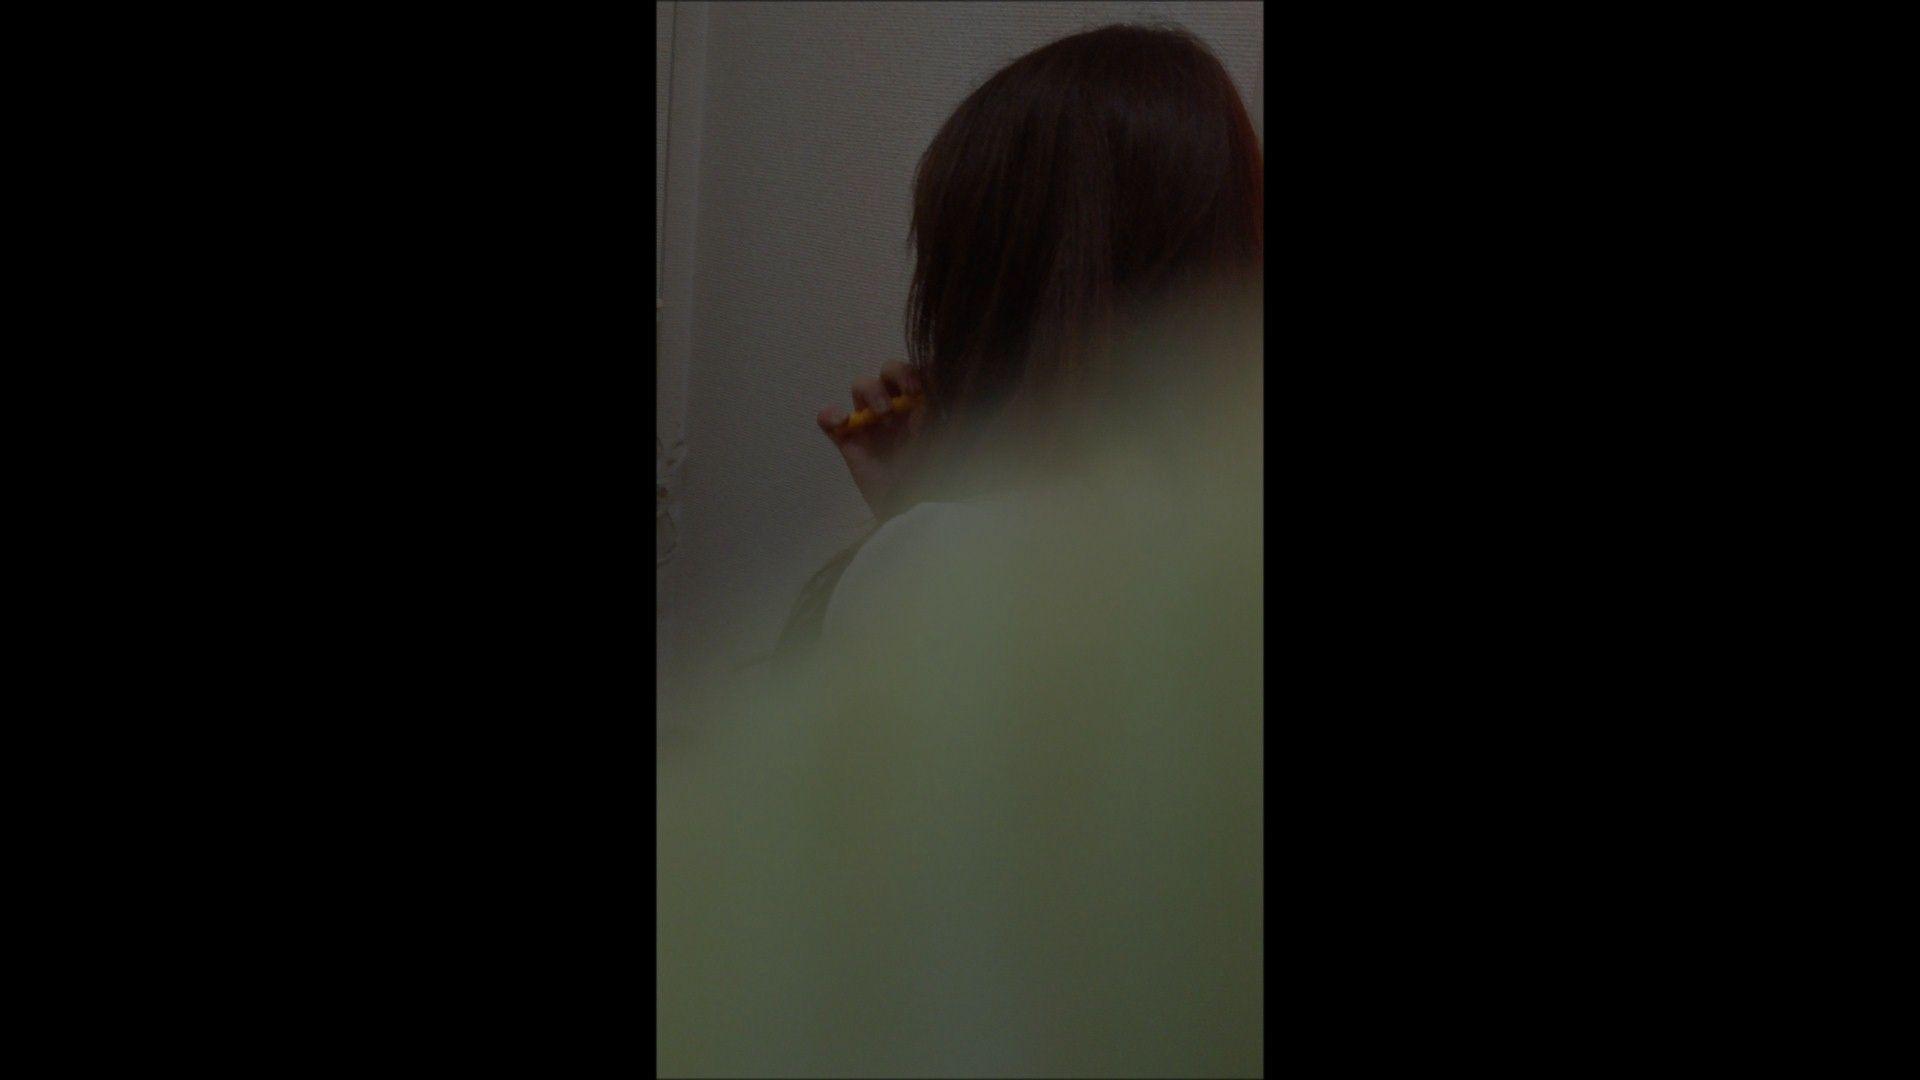 08(8日目)メイク中の彼女の顔を撮りました! 盗撮大放出 性交動画流出 51連発 30